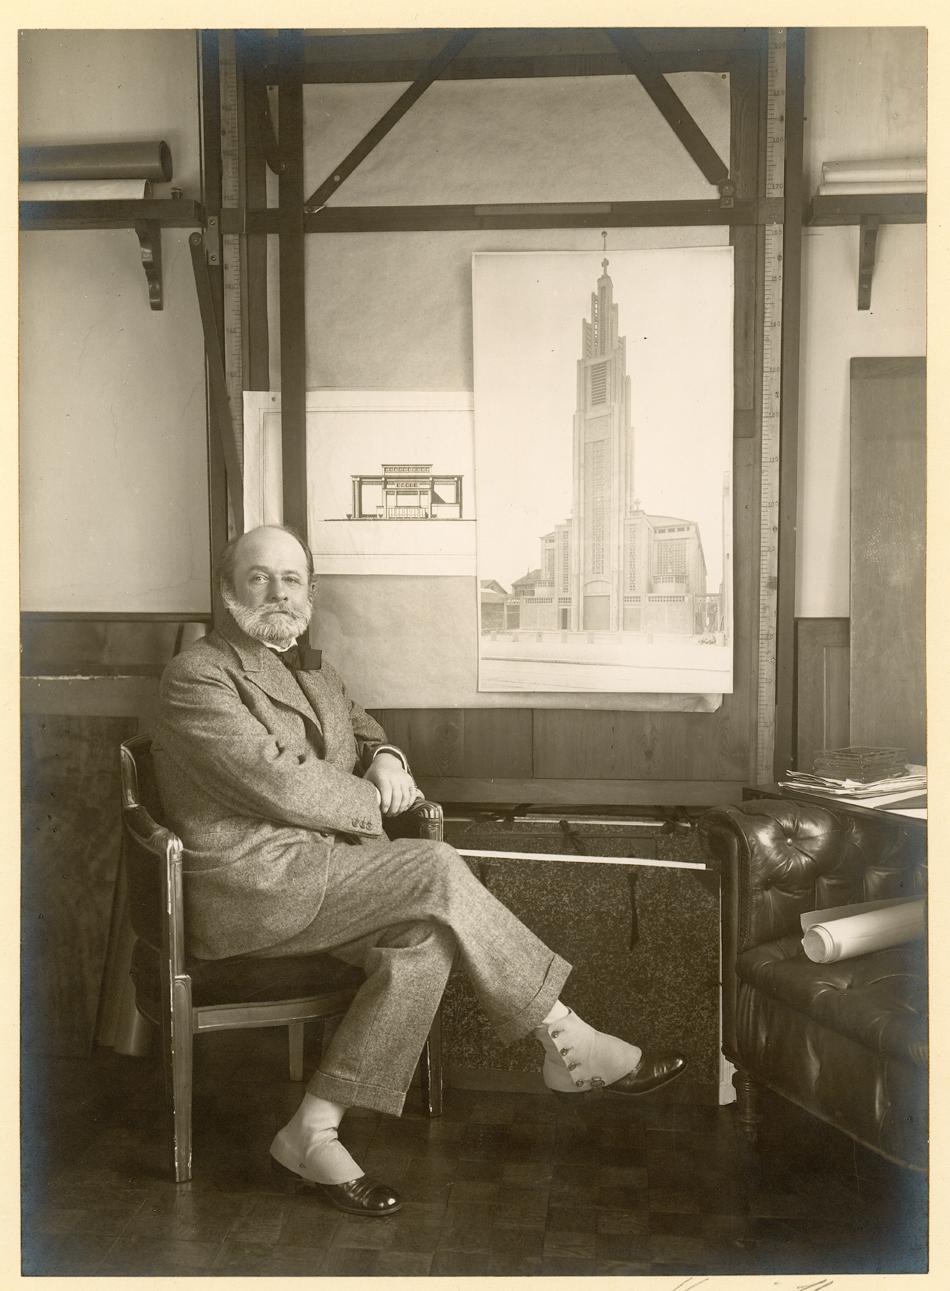 Auguste Perret, 1925 Photography © CNAM/SIAF/CAPA, Archives d'architecture du XXe siècle/Auguste Perret/UFSE/SAIF